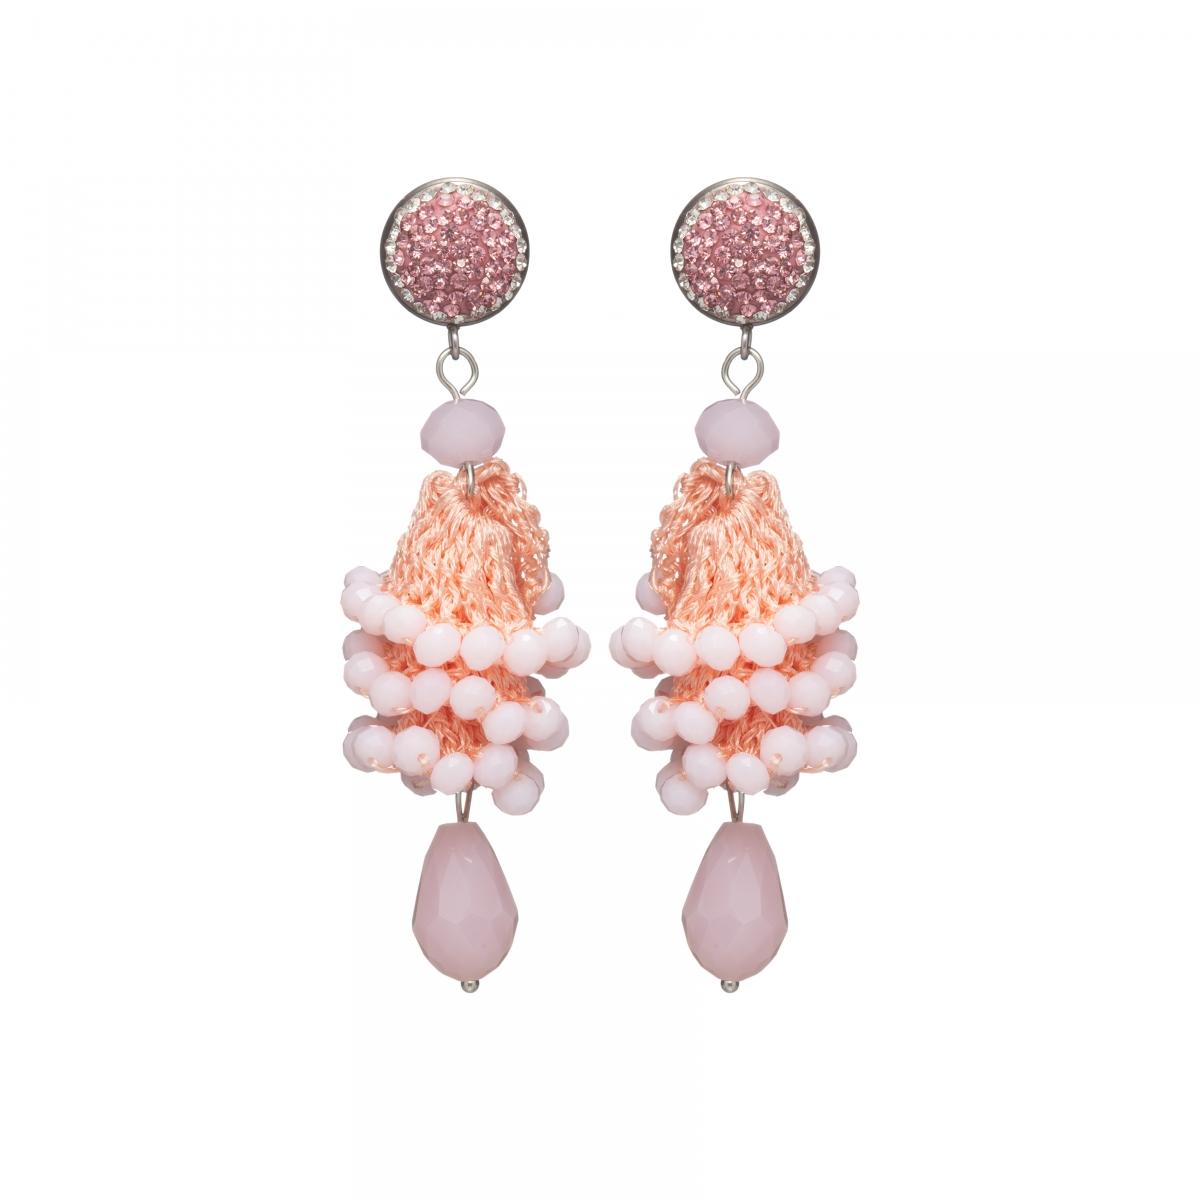 Náušnice Layla Light Pink Crystal Beads Silver